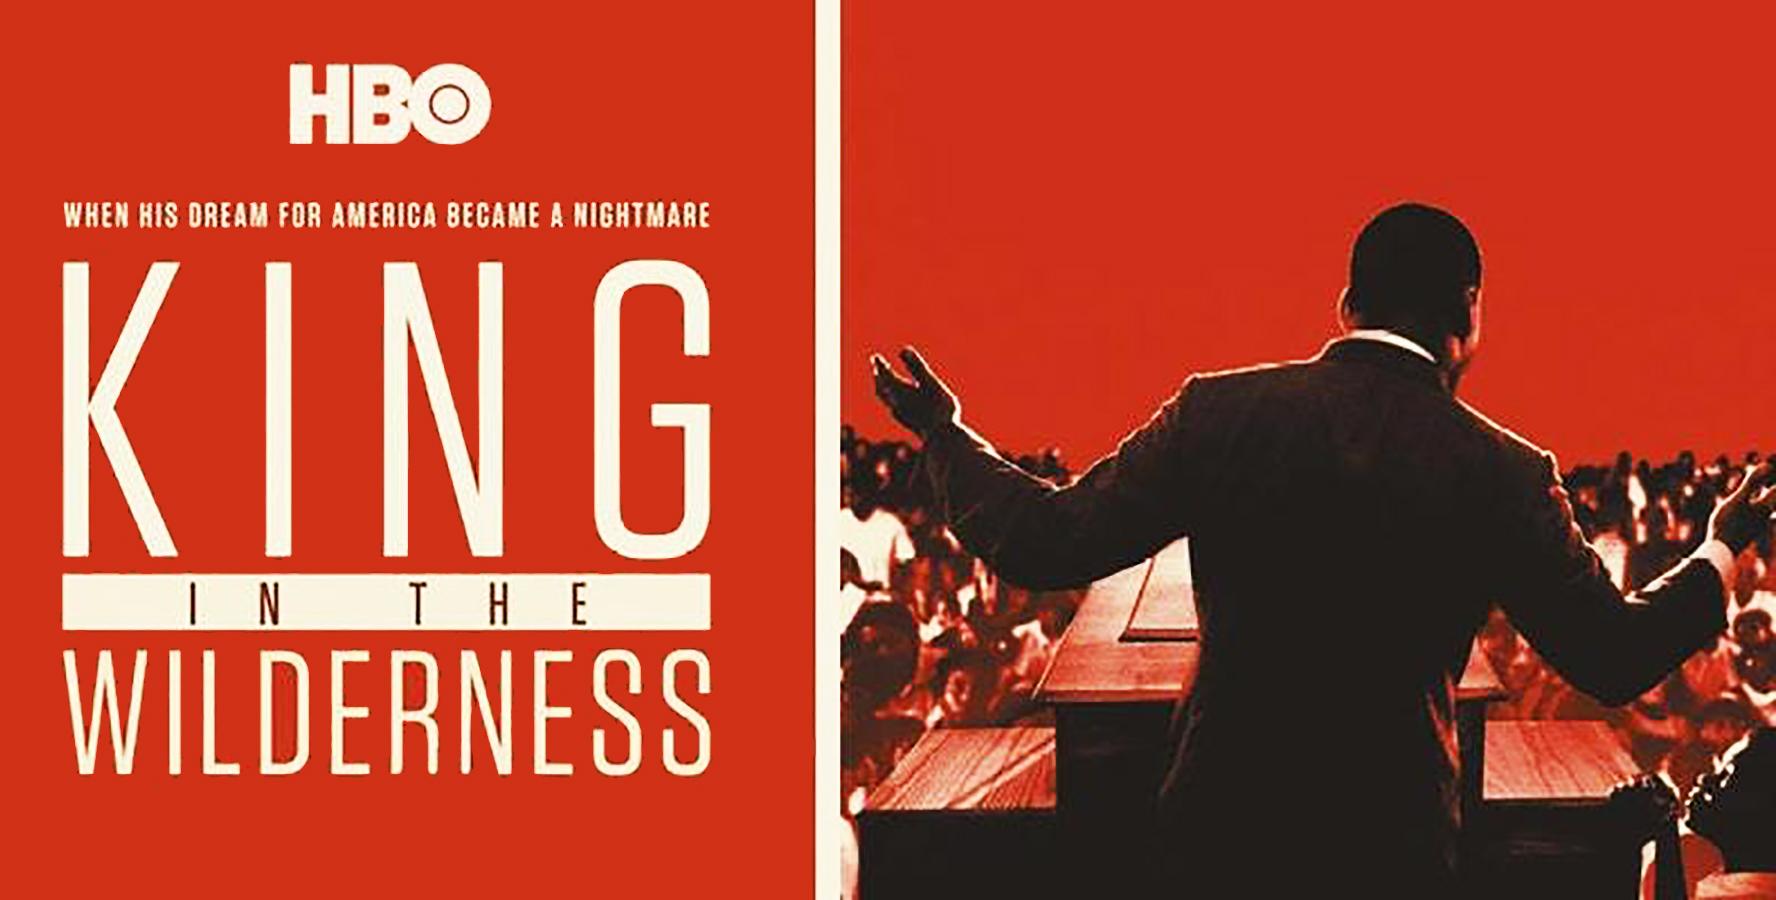 مستندی دربارهی مارتین لوتر کینگ از HBO